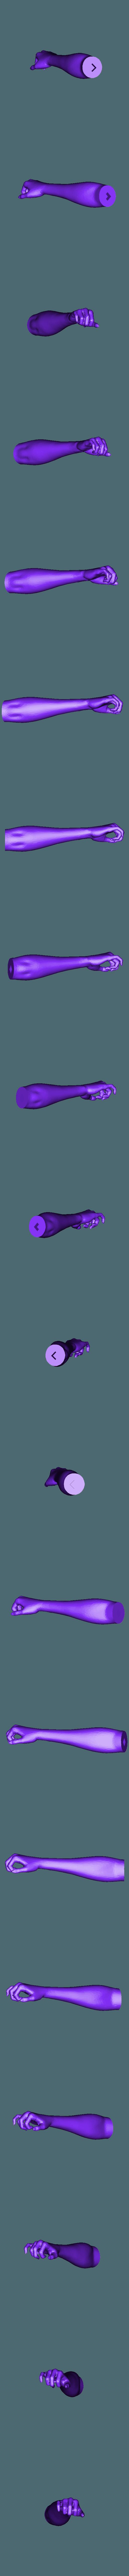 right arm.stl Télécharger fichier STL gratuit Nécoline • Design pour impression 3D, DarkRadamanthys